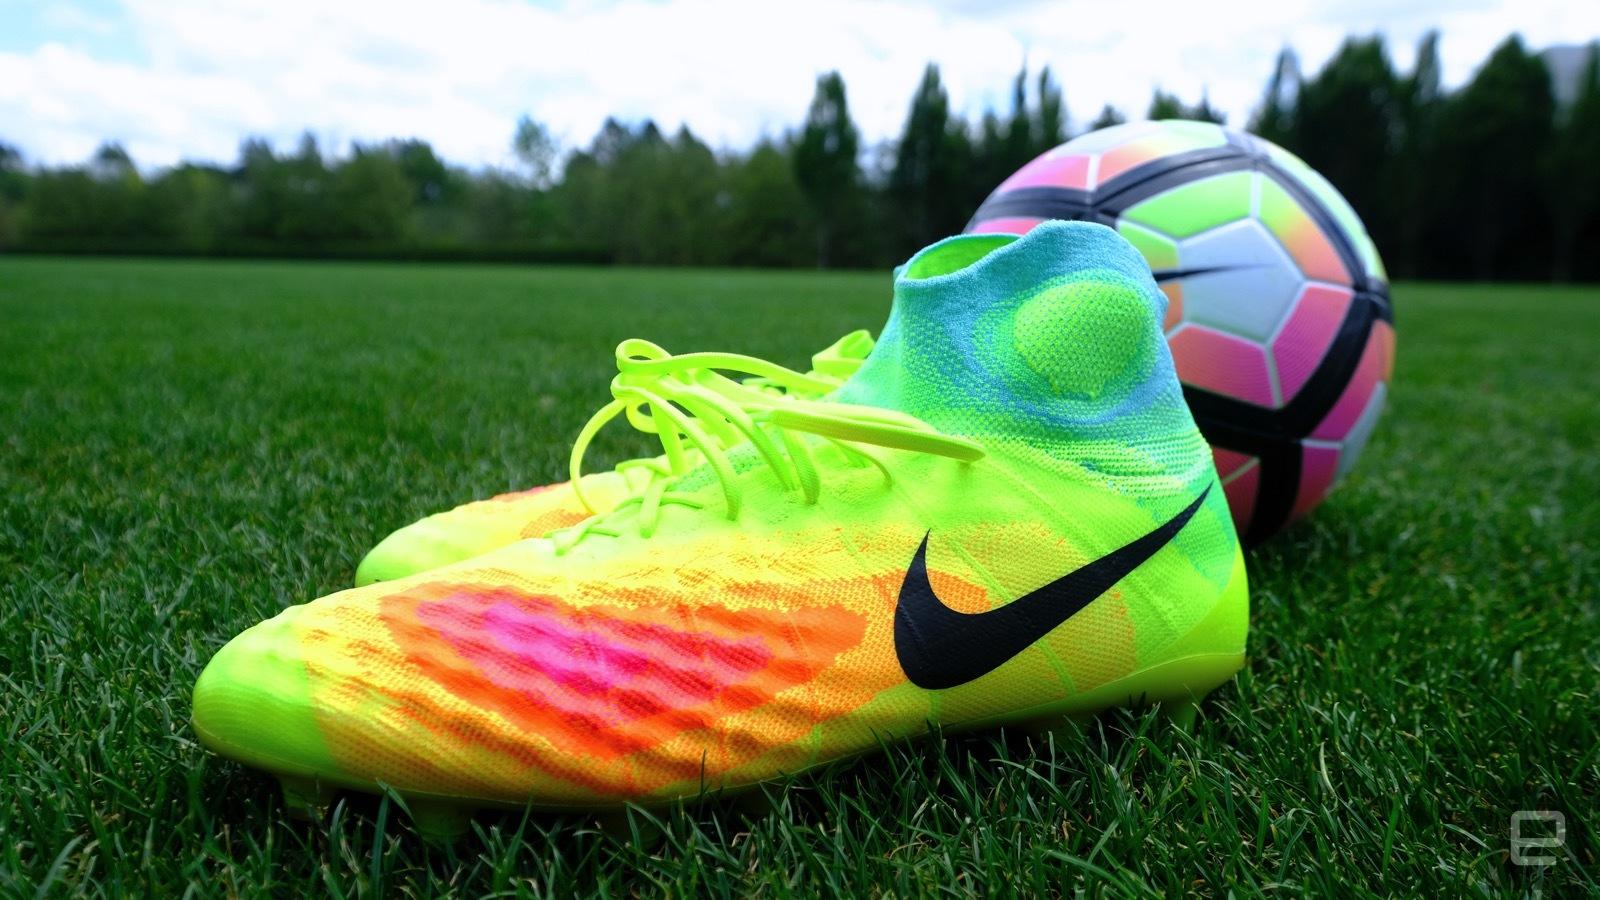 La última zapatilla de fútbol Nike Magista 2 es la zapatilla más investigada hasta la fecha